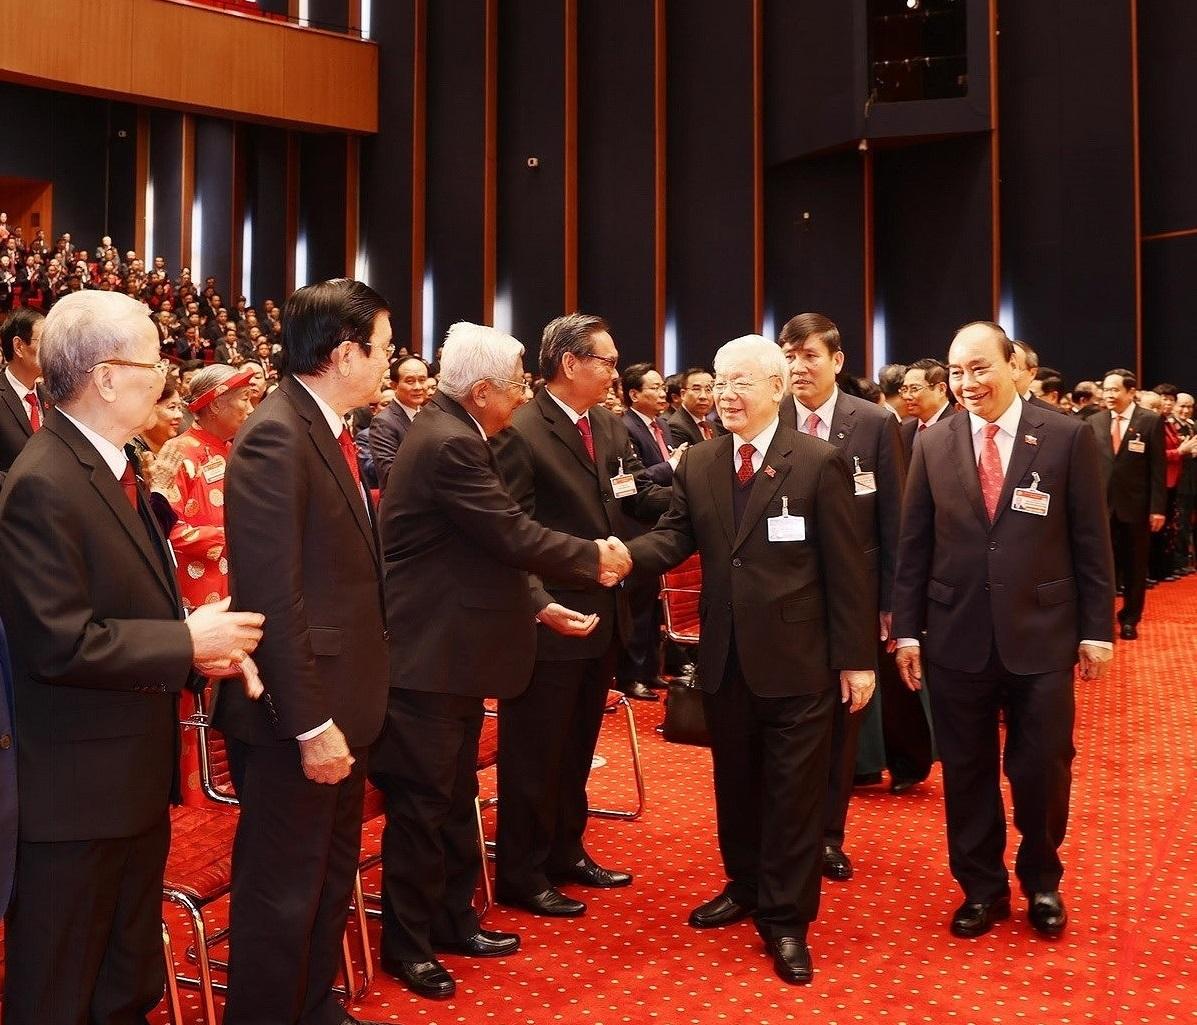 Tổng Bí thư, Chủ tịch nước Nguyễn Phú Trọng và các đại biểu dự Phiên khai mạc Đại hội XIII của Đảng (Nguồn: TTXVN)